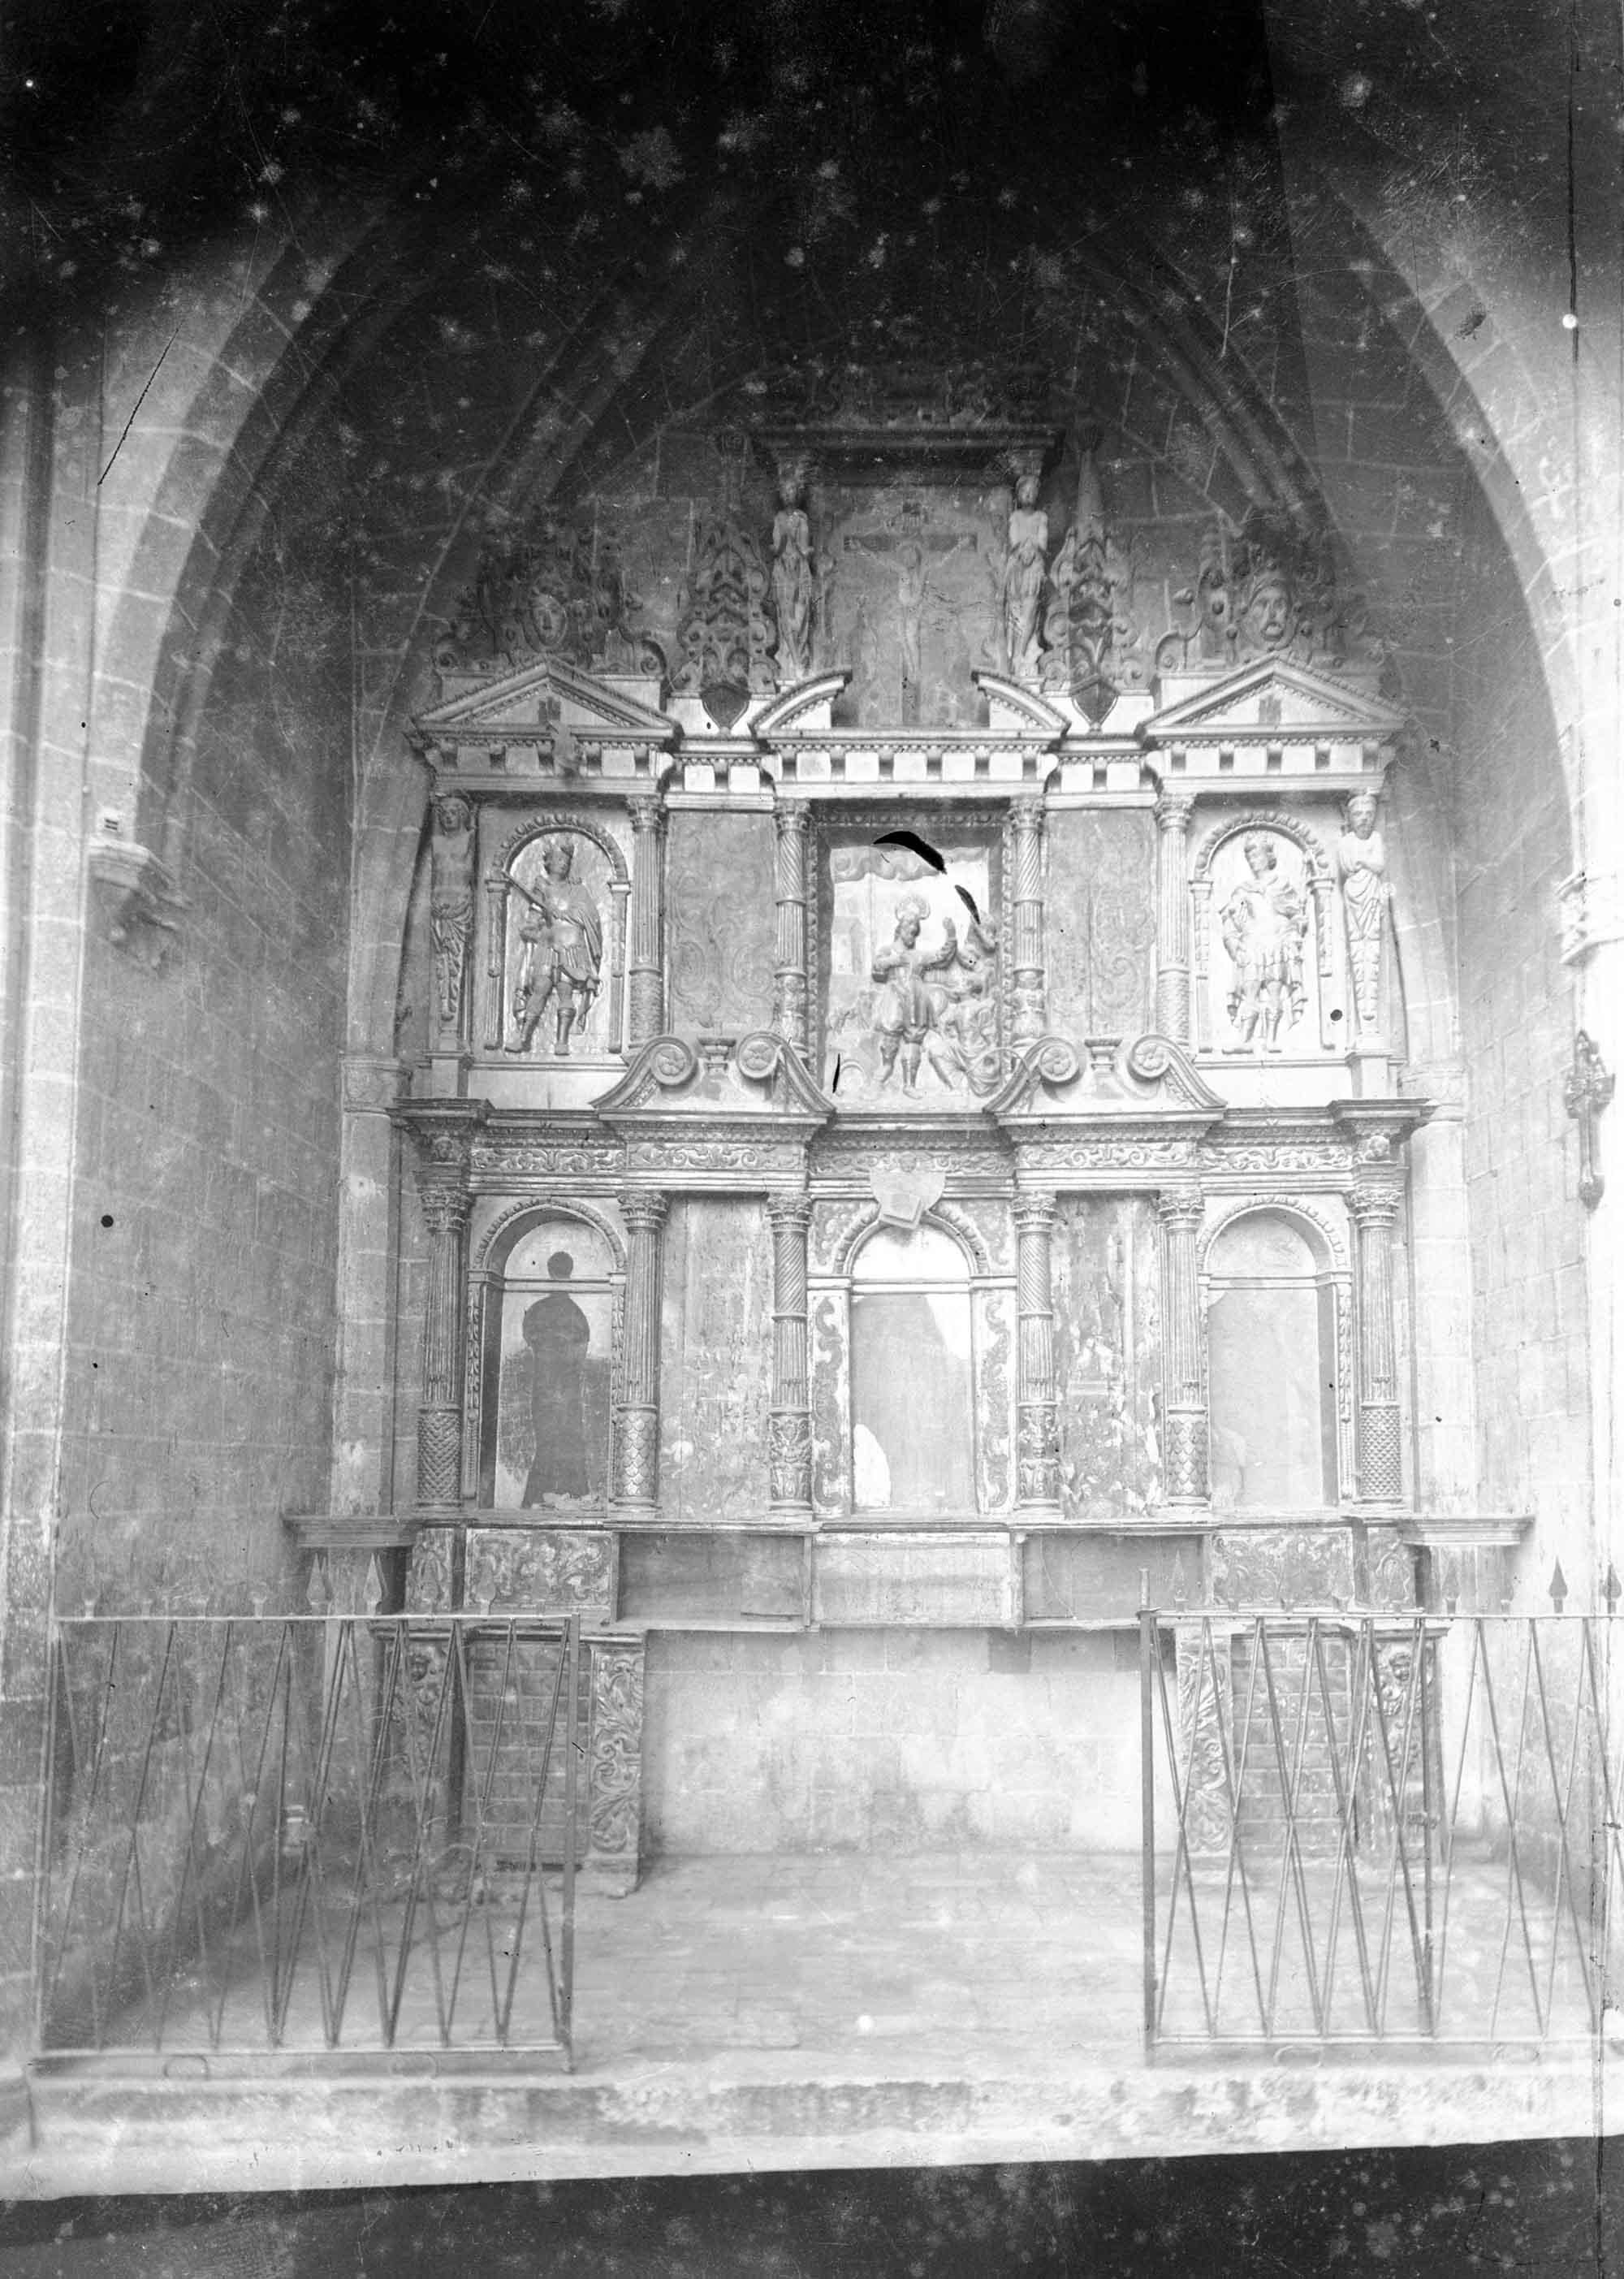 Vista general d'una capella lateral a la basílica de Santa Maria, a Castelló d'Empúries, entre els anys 1942 i 1944 (ACGAX. Fons Sadurní Brunet Pi. Autor: Sadurní Brunet)